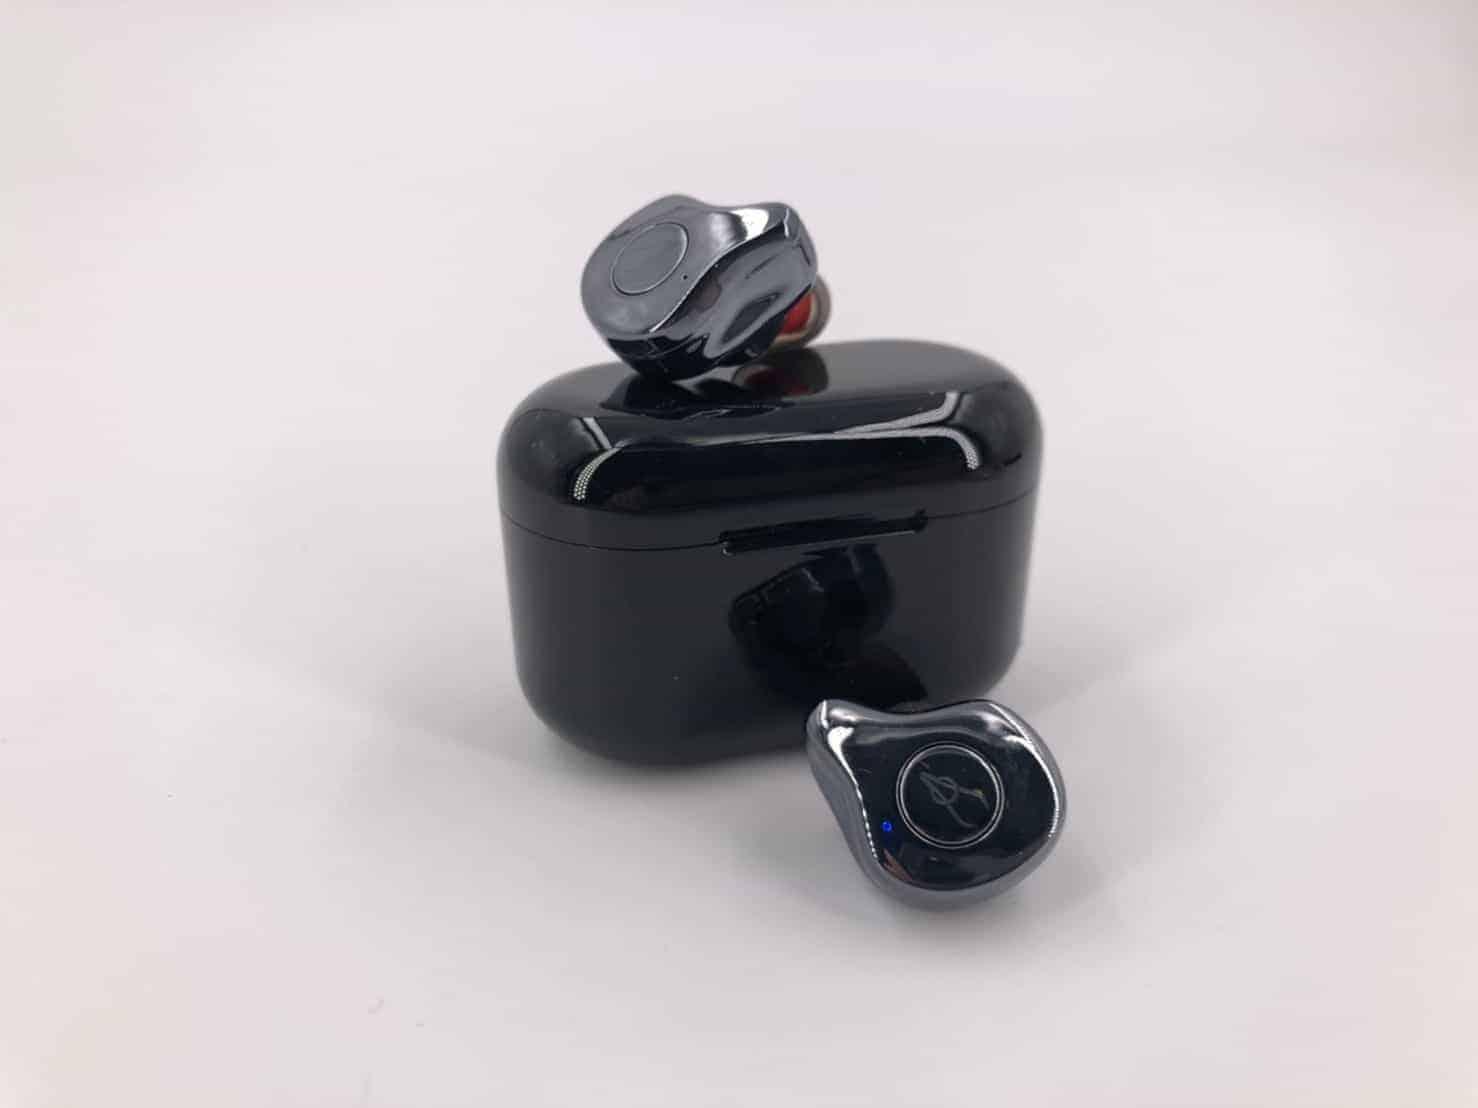 2019年人人都該擁有的真無線藍芽耳機推薦 – Sabbat E12真無線耳機